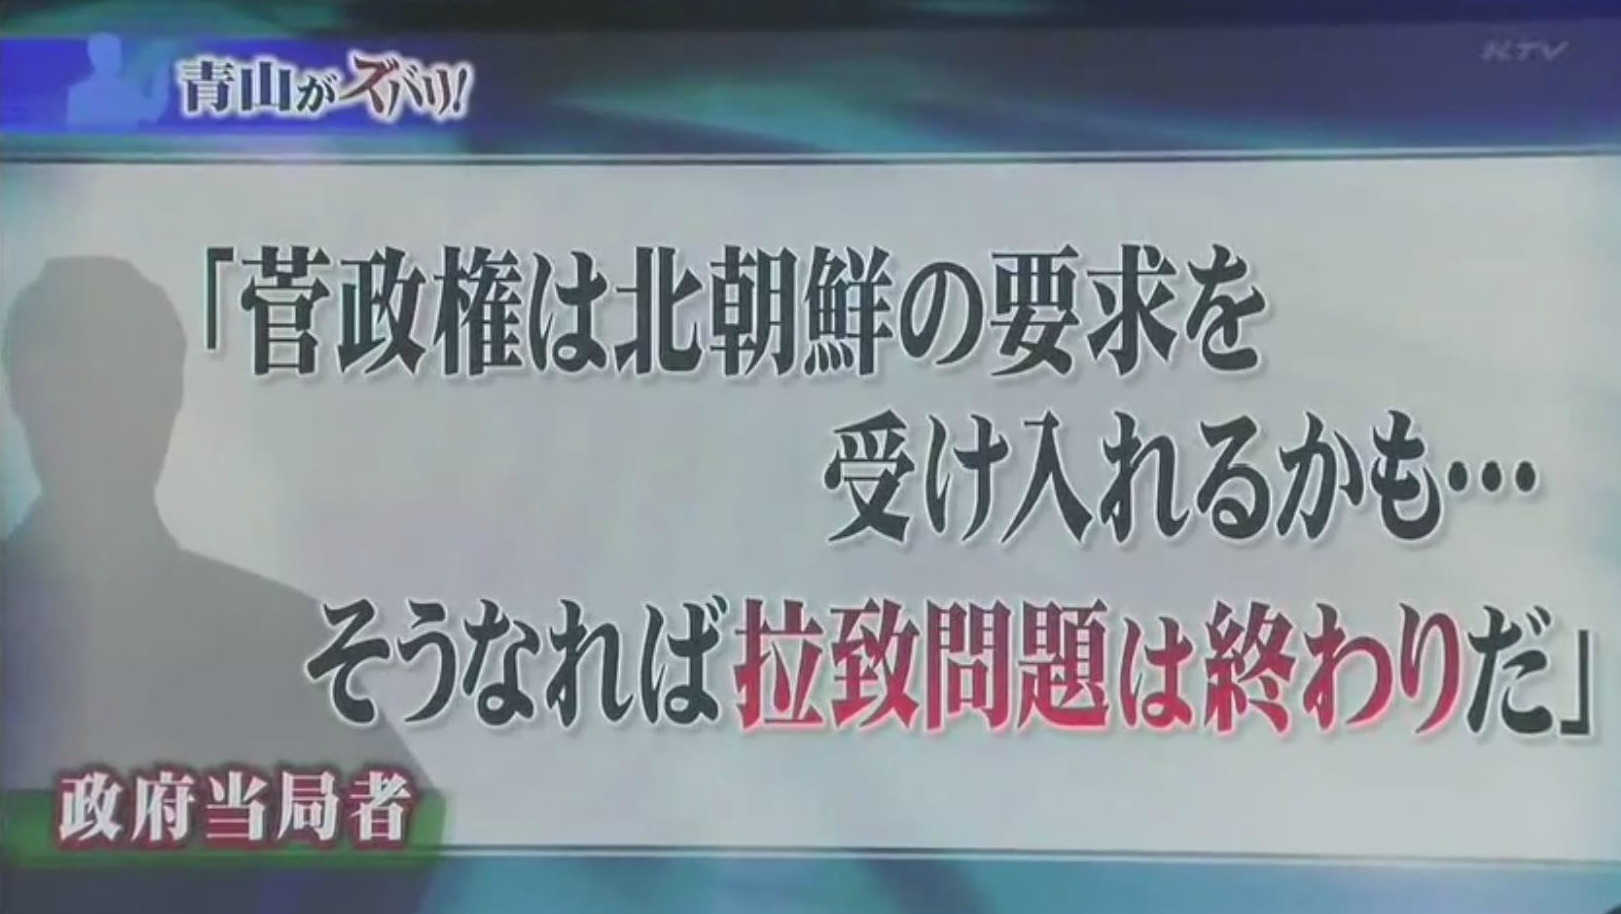 nyukoku_kyohi6.jpg